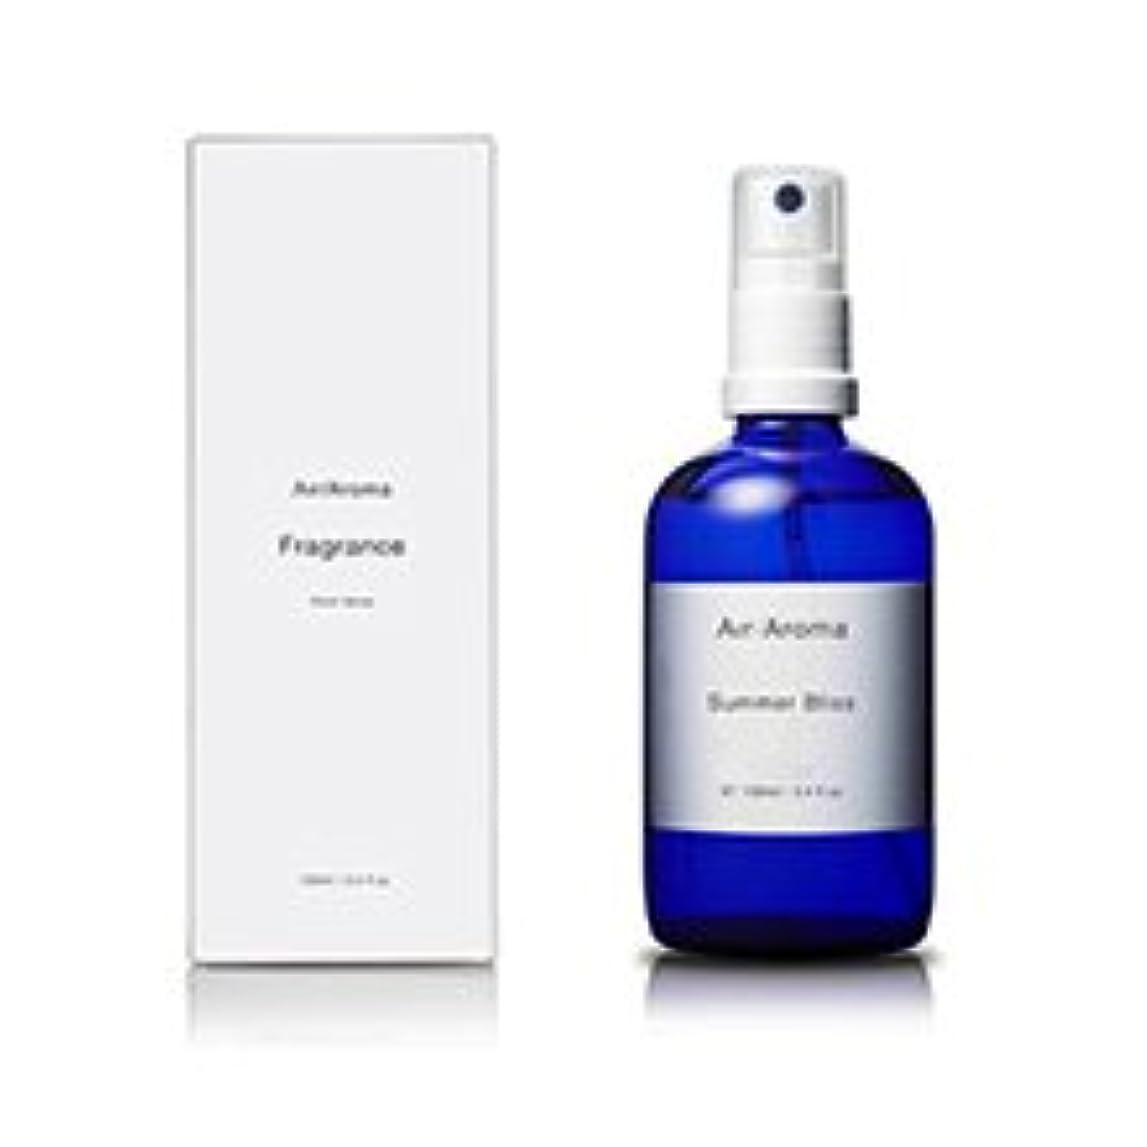 ブリッジロック役員エアアロマ summer bliss room fragrance (サマーブリス ルームフレグランス) 100ml